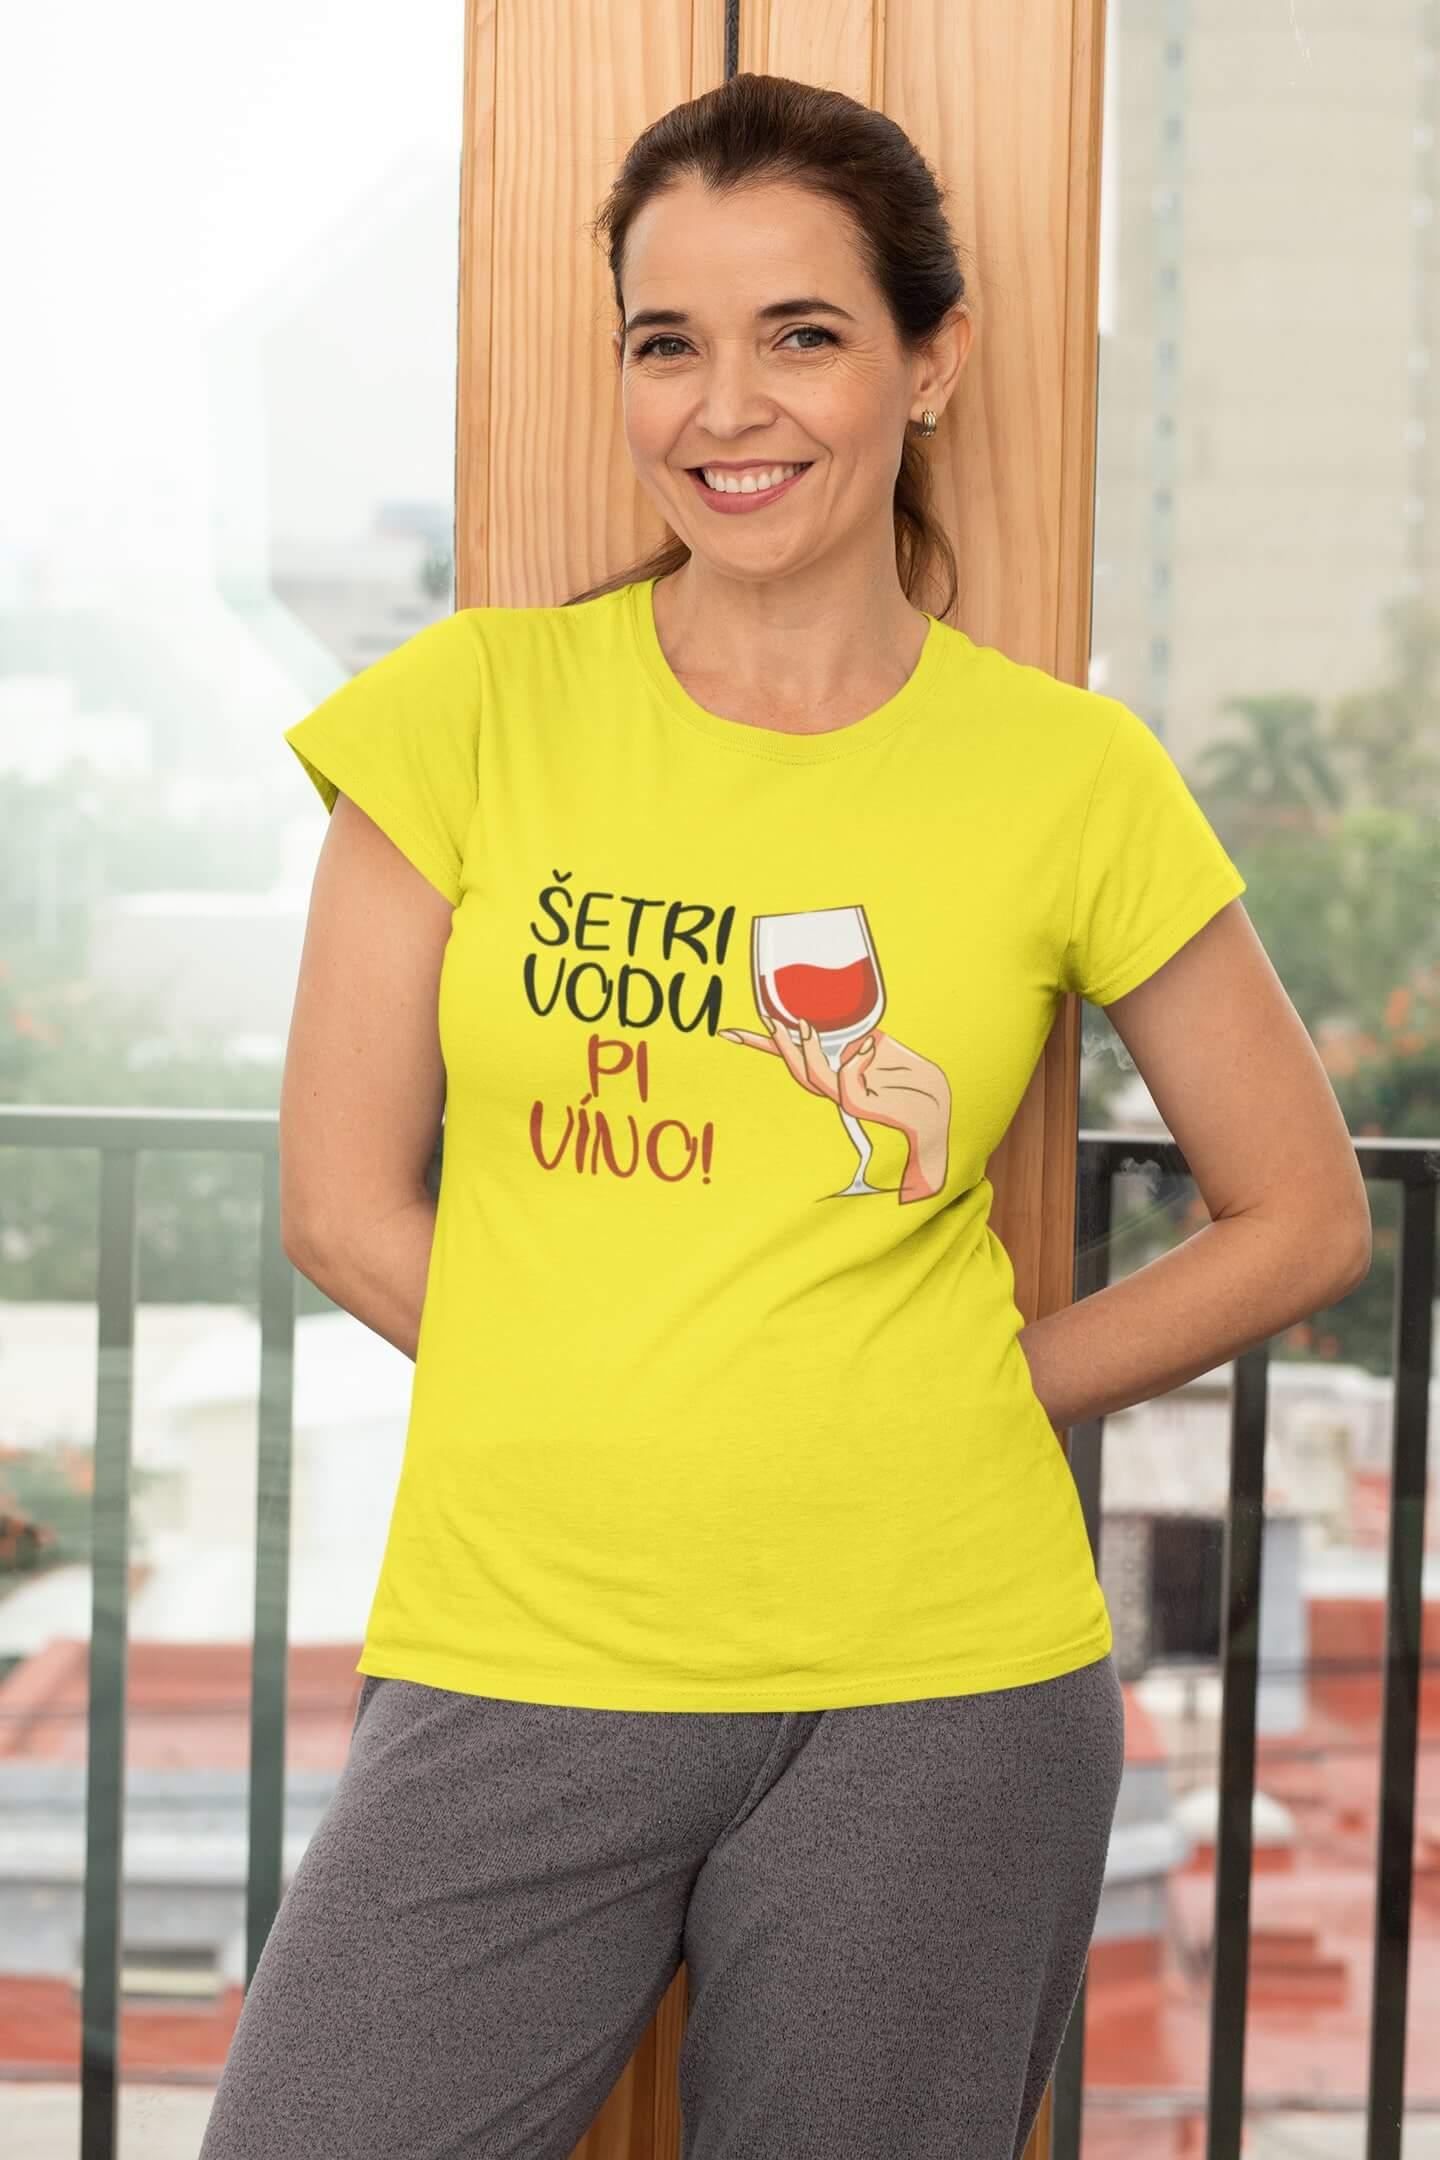 MMO Dámske tričko Pi víno! Vyberte farbu: Citrónová, Vyberte veľkosť: L